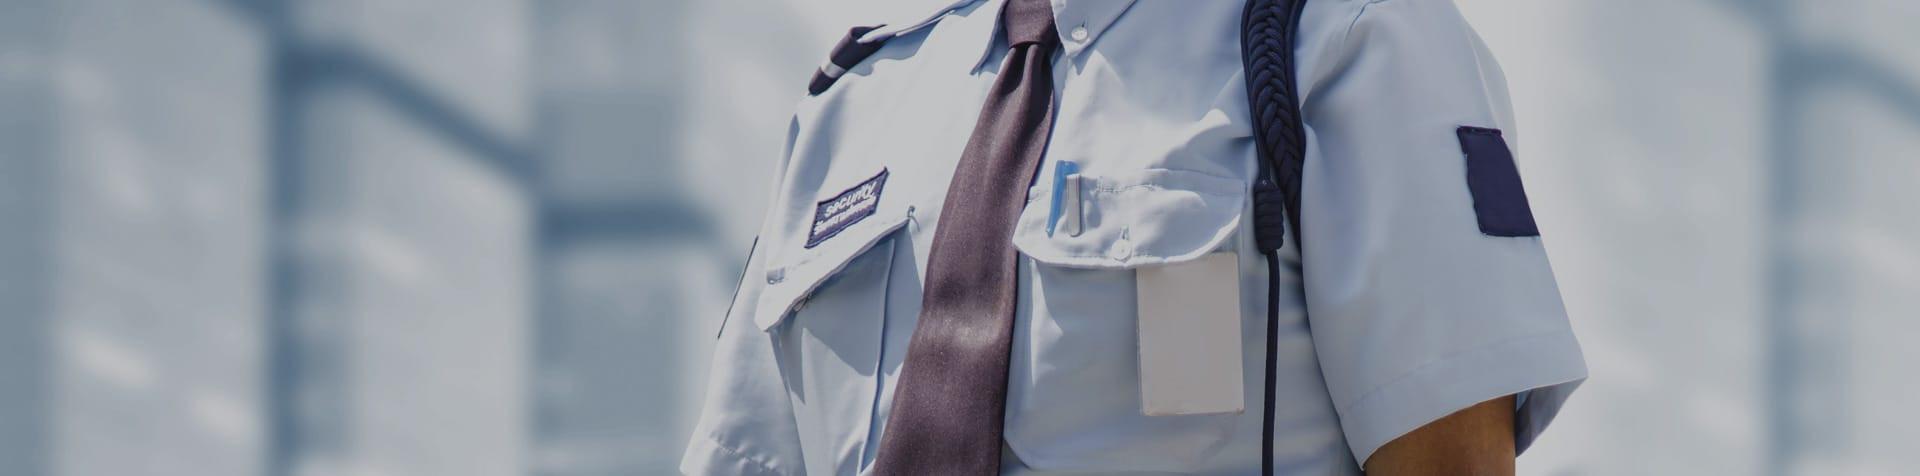 Comité paritaire des agents de sécurité - Promenades Beauport